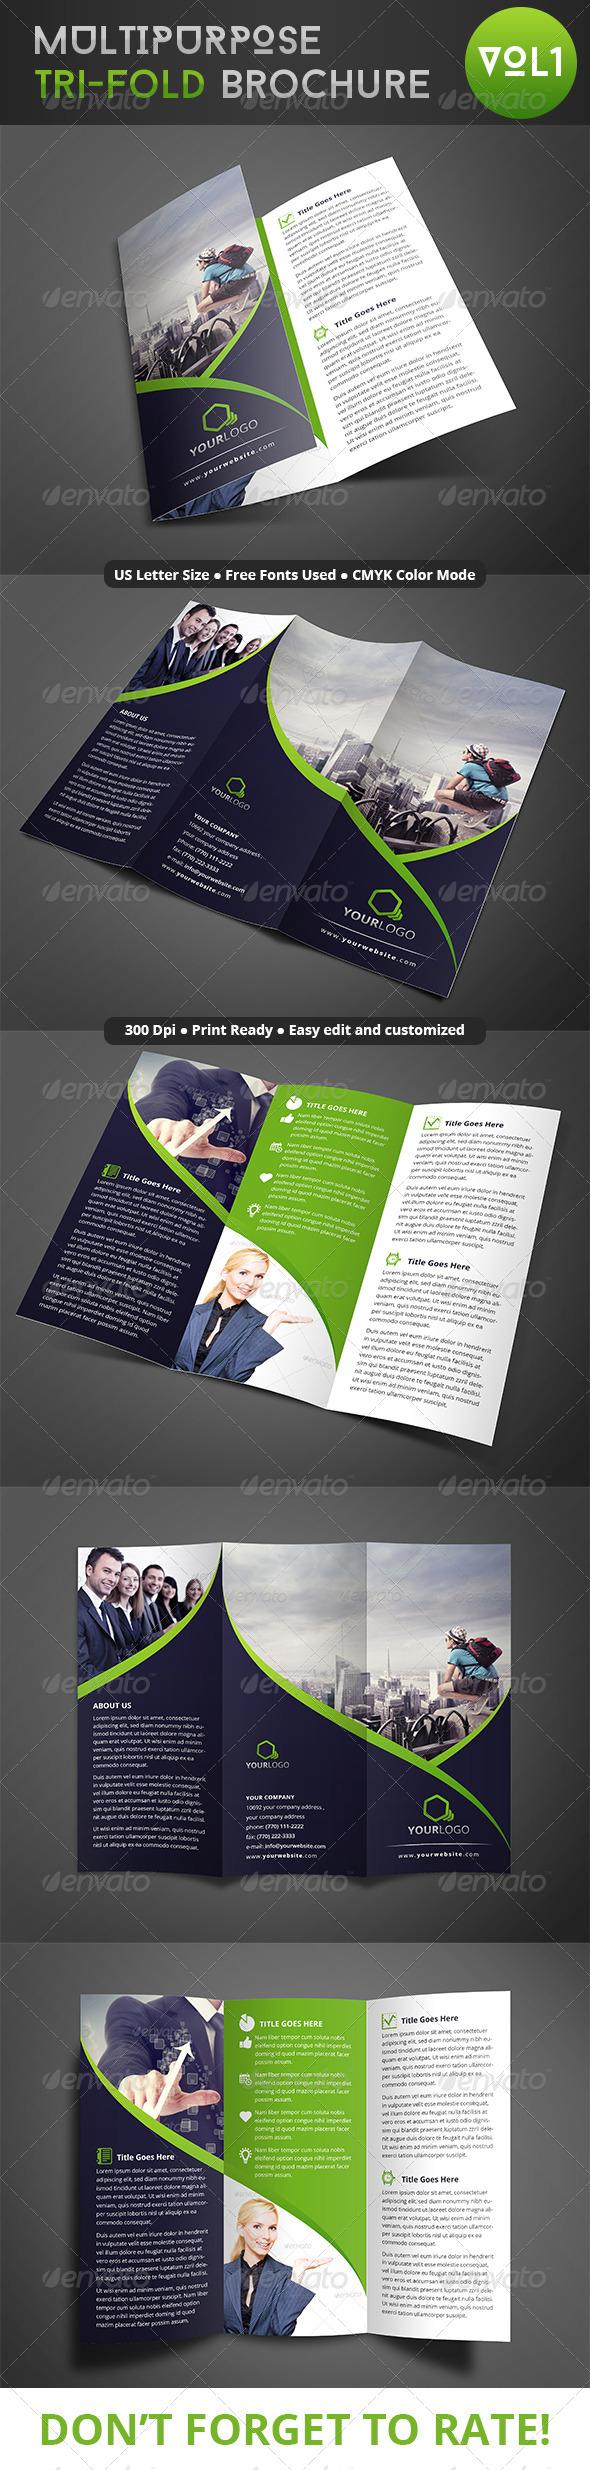 GraphicRiver Multipurpose Trifold Brochure 8045479